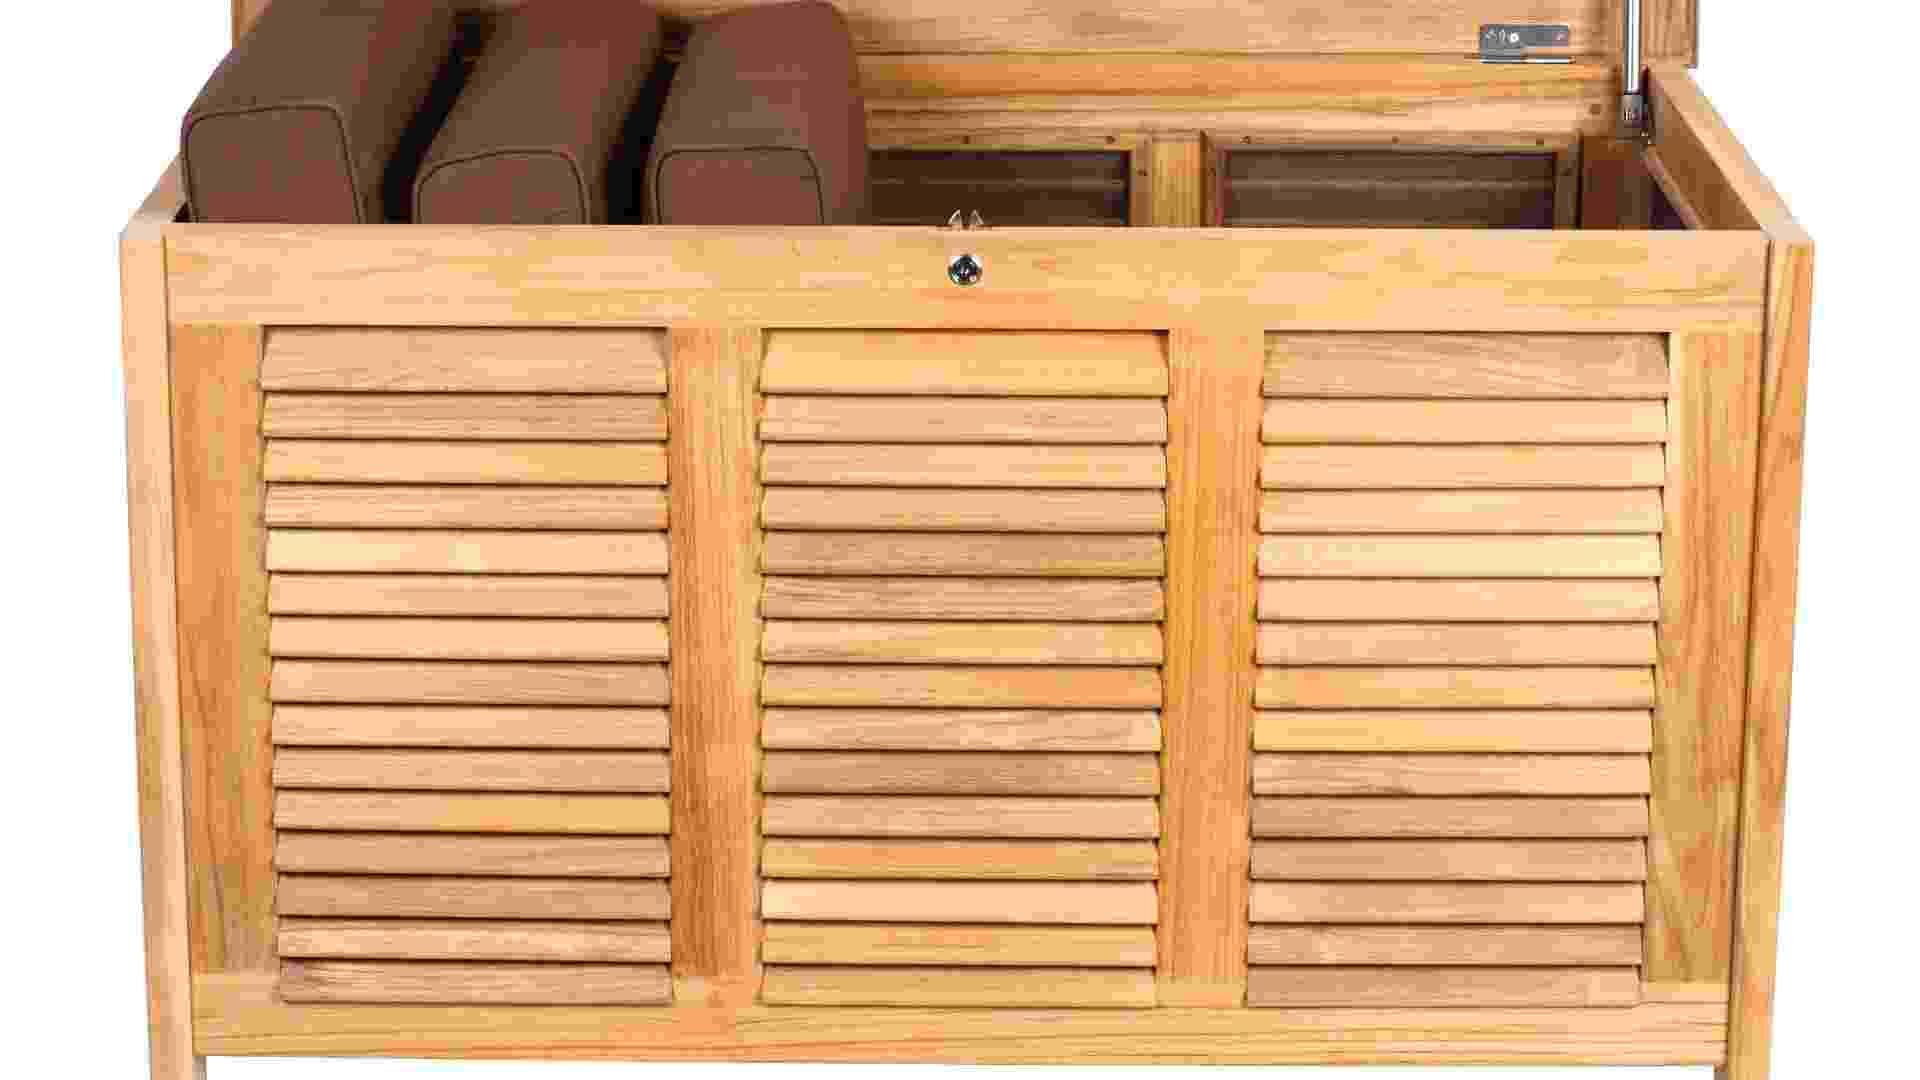 Baú de madeira teca e medidas 79 cm x 130 cm x 72,5 cm possui fechamento lateral por venezianas vedadas internamente com telas de náilon, o que permite a ventilação mas impede a entrada de insetos. Com fechadura a chave, a peça custa R$ 4.536, na Teakstore (www.teakstore.com.br)   Preços consultados em dezembro de 2012 e sujeitos a alterações - Divulgação